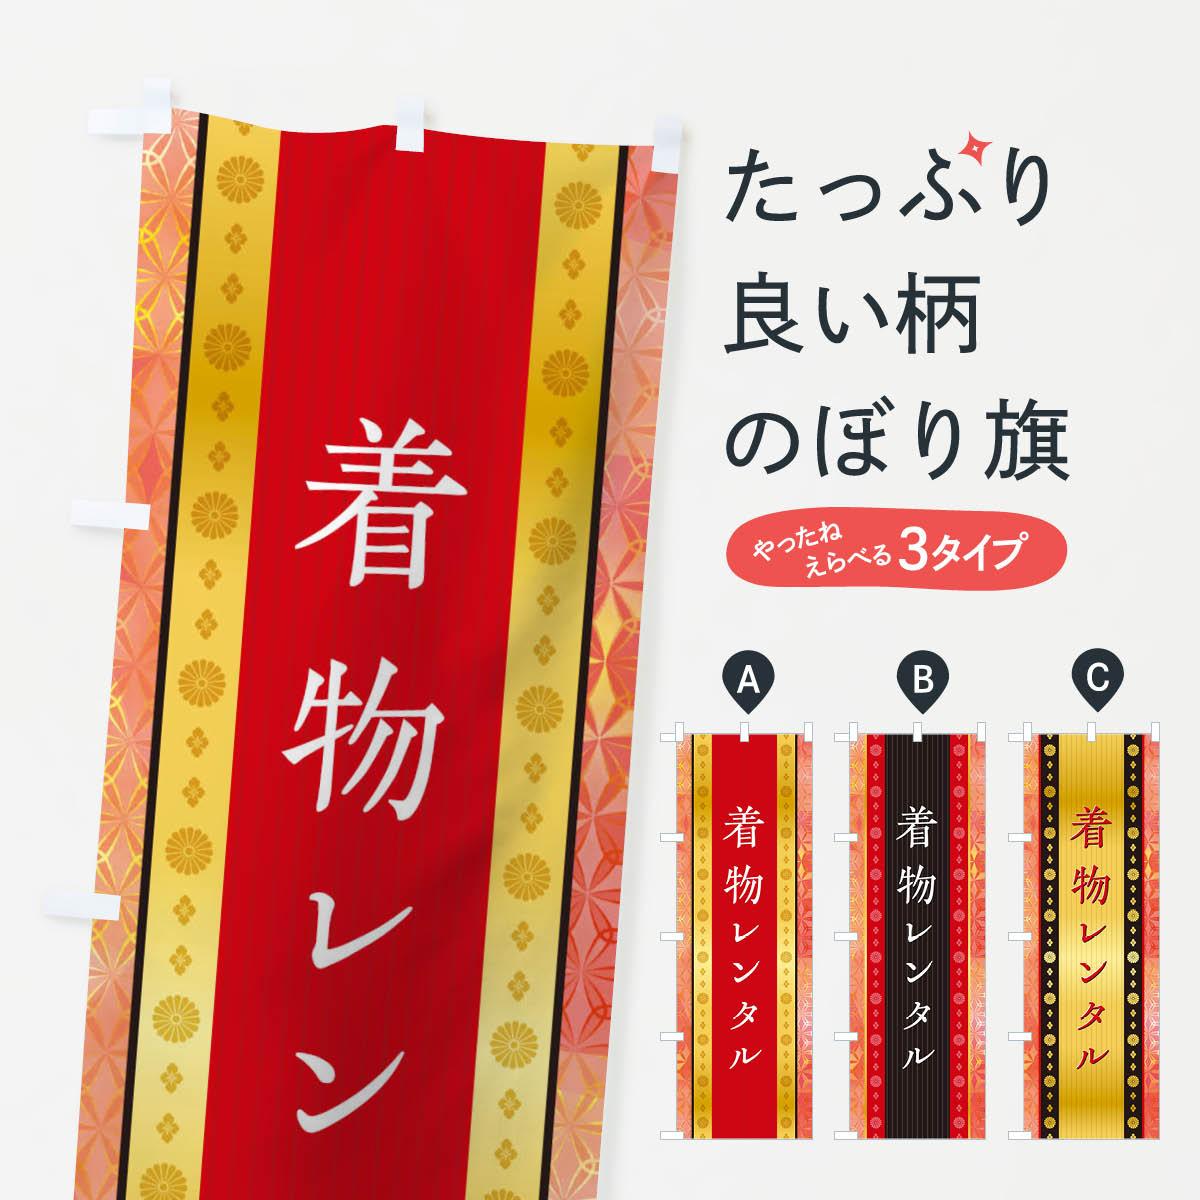 【3980送料無料】 のぼり旗 着物レンタルのぼり